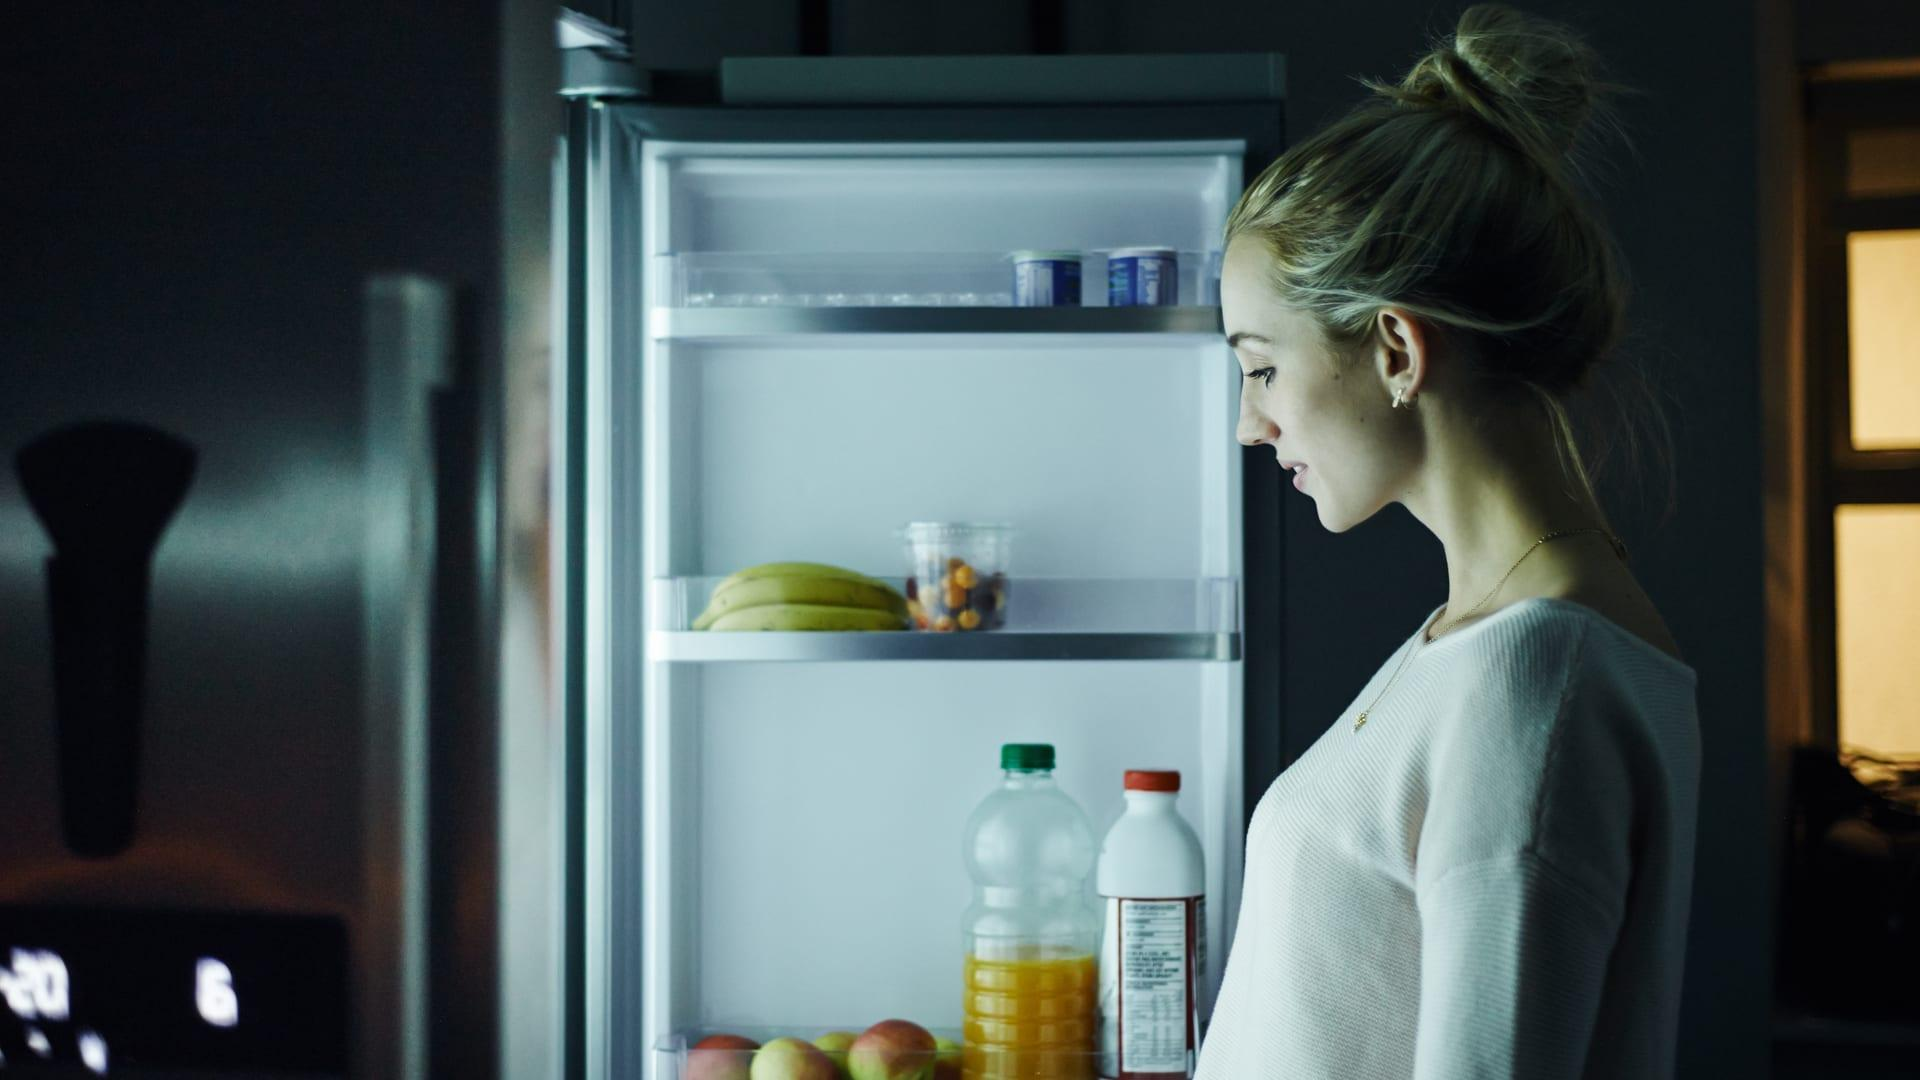 нерегулярное питание как причина переедания